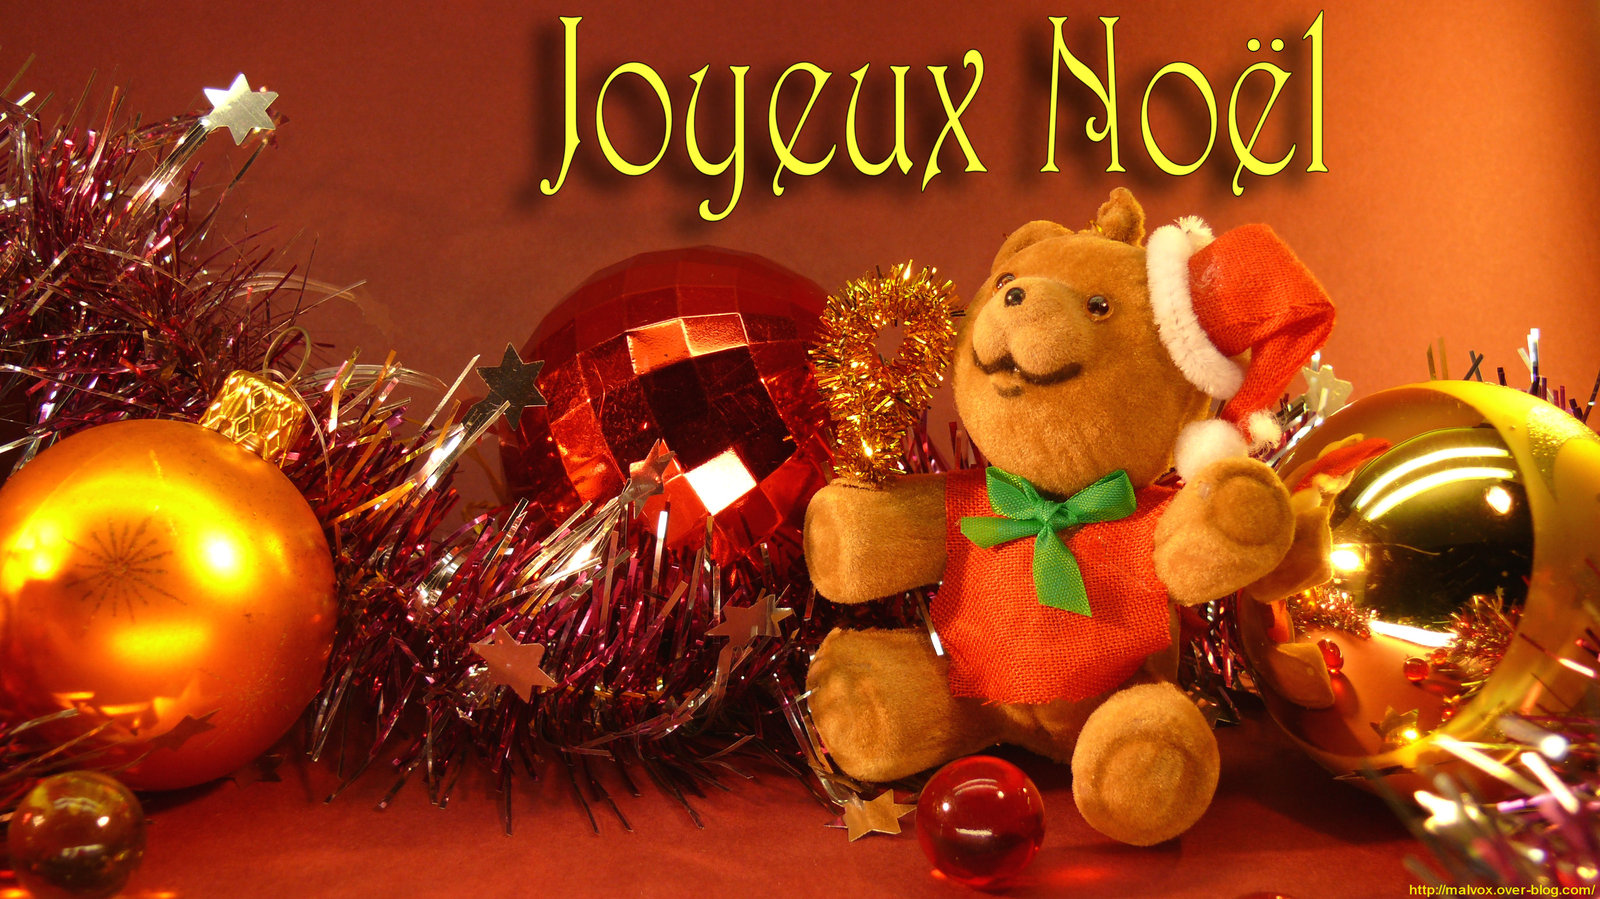 Souhaiter Joyeux Noel Facebook.Message Pour Souhaiter Joyeux Noel Facebook Citation